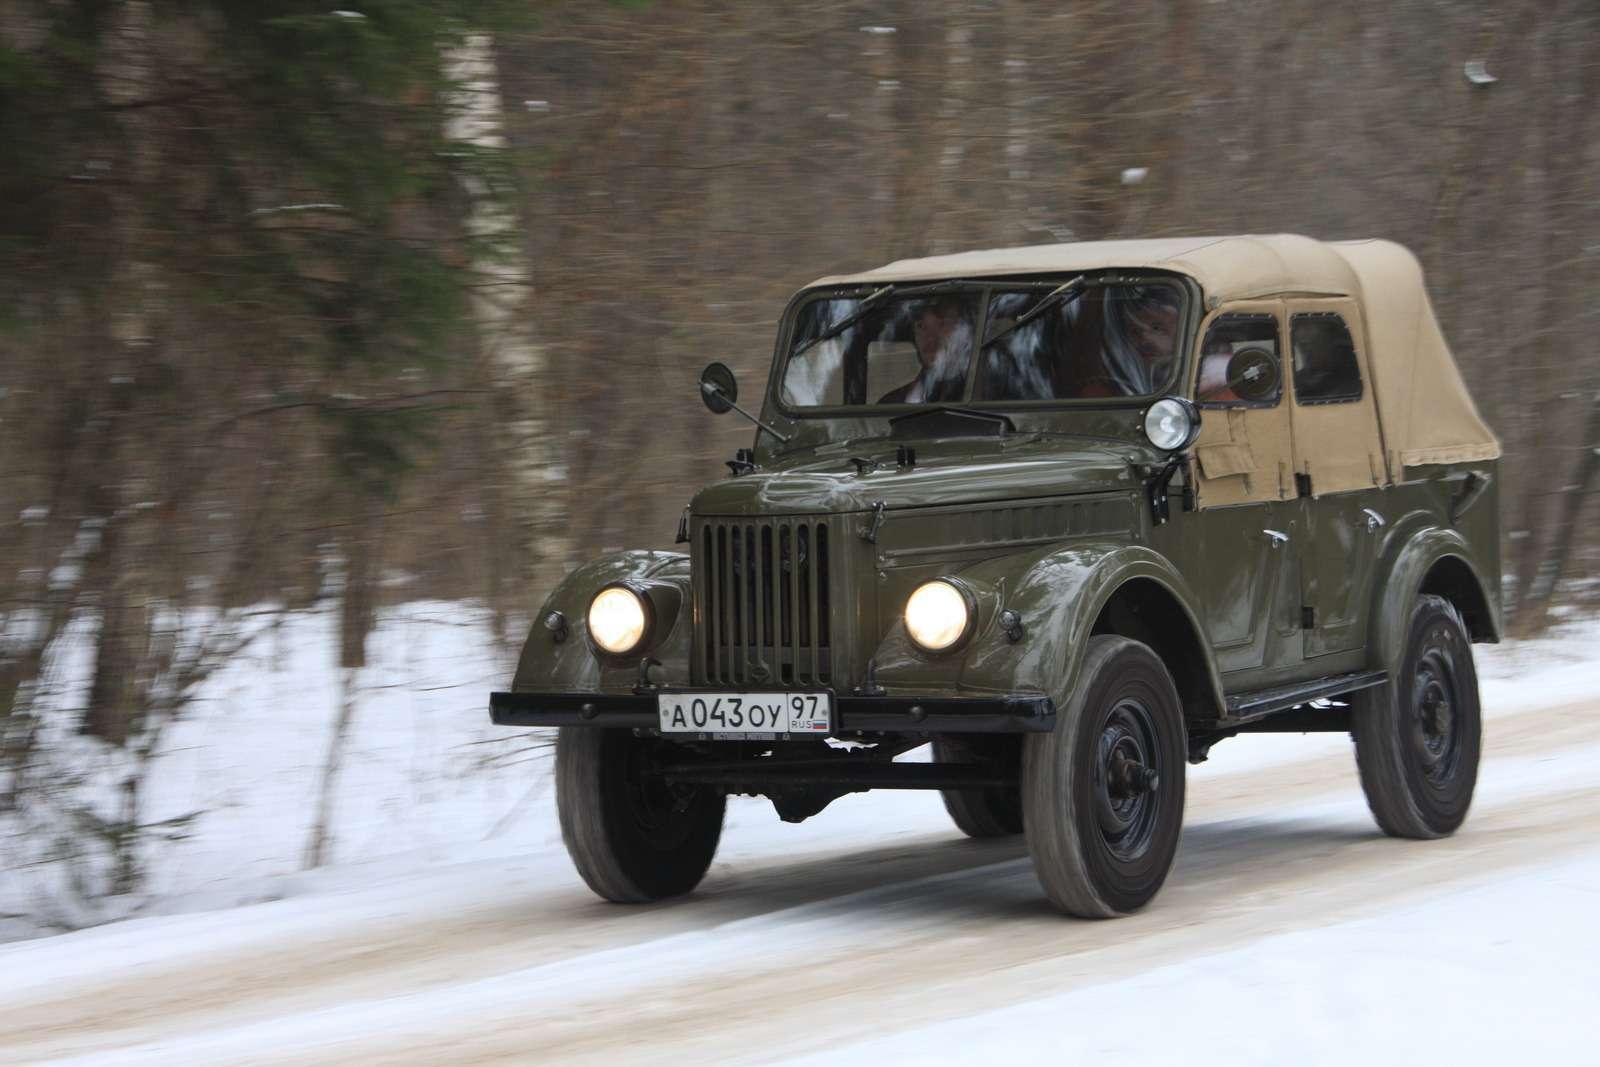 «Козел-труженик»: 11 удивительных фактов о ГАЗ-69 - фото 1225229